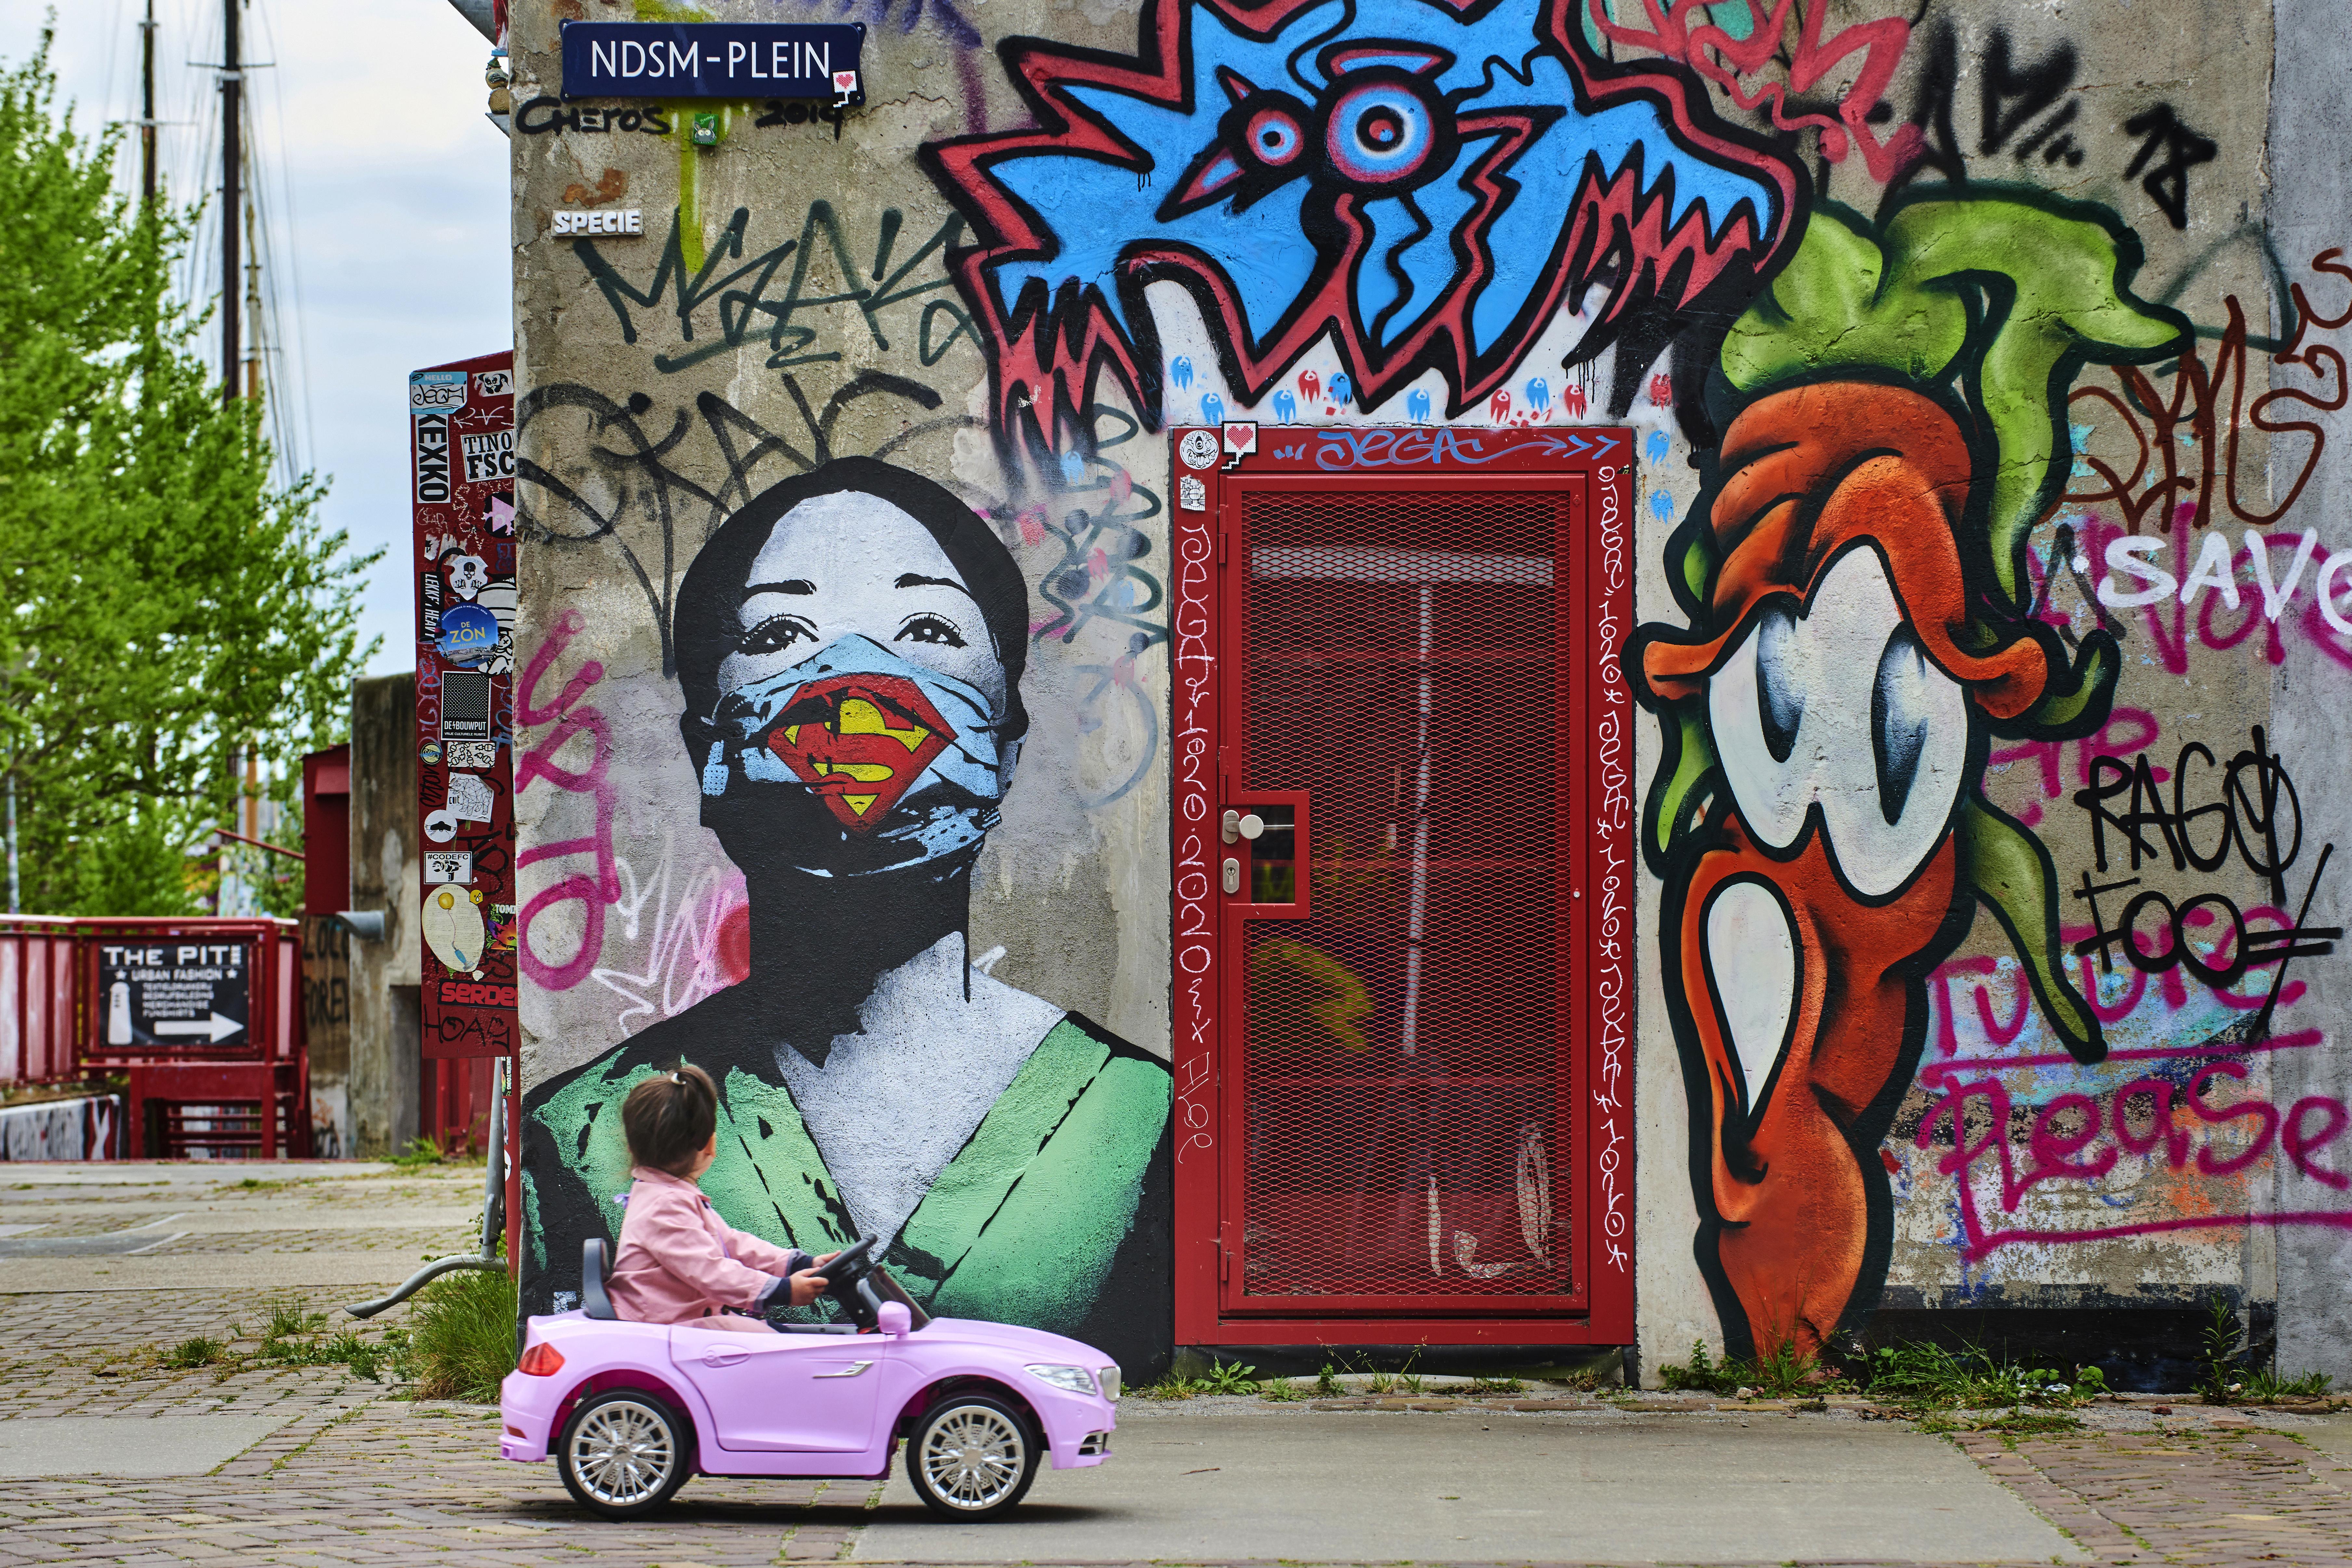 Sassenheimse fotograaf maakt winnende coronafoto. 'Ik zag het meisje voorbij de muurschildering van Supernurse komen en toen wist ik: dit is de foto'